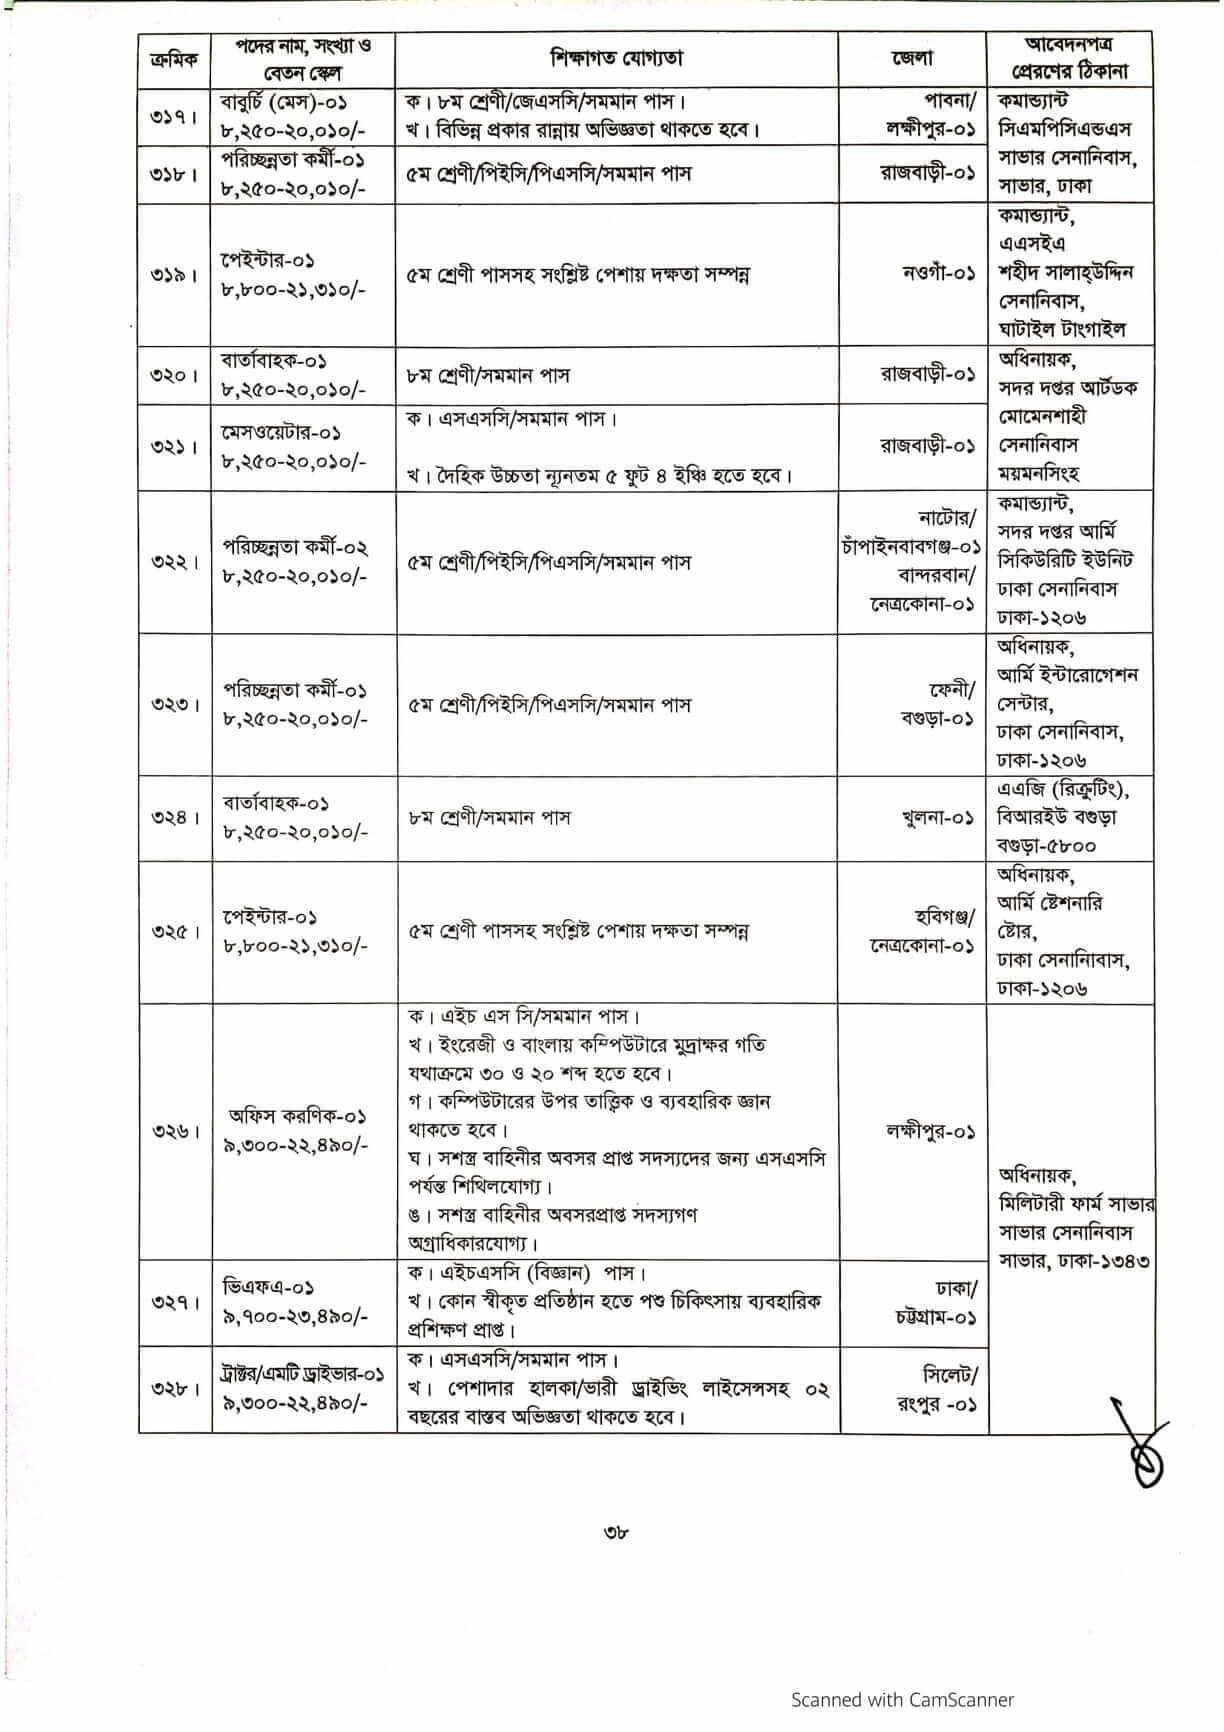 www.army.mil.bd application form